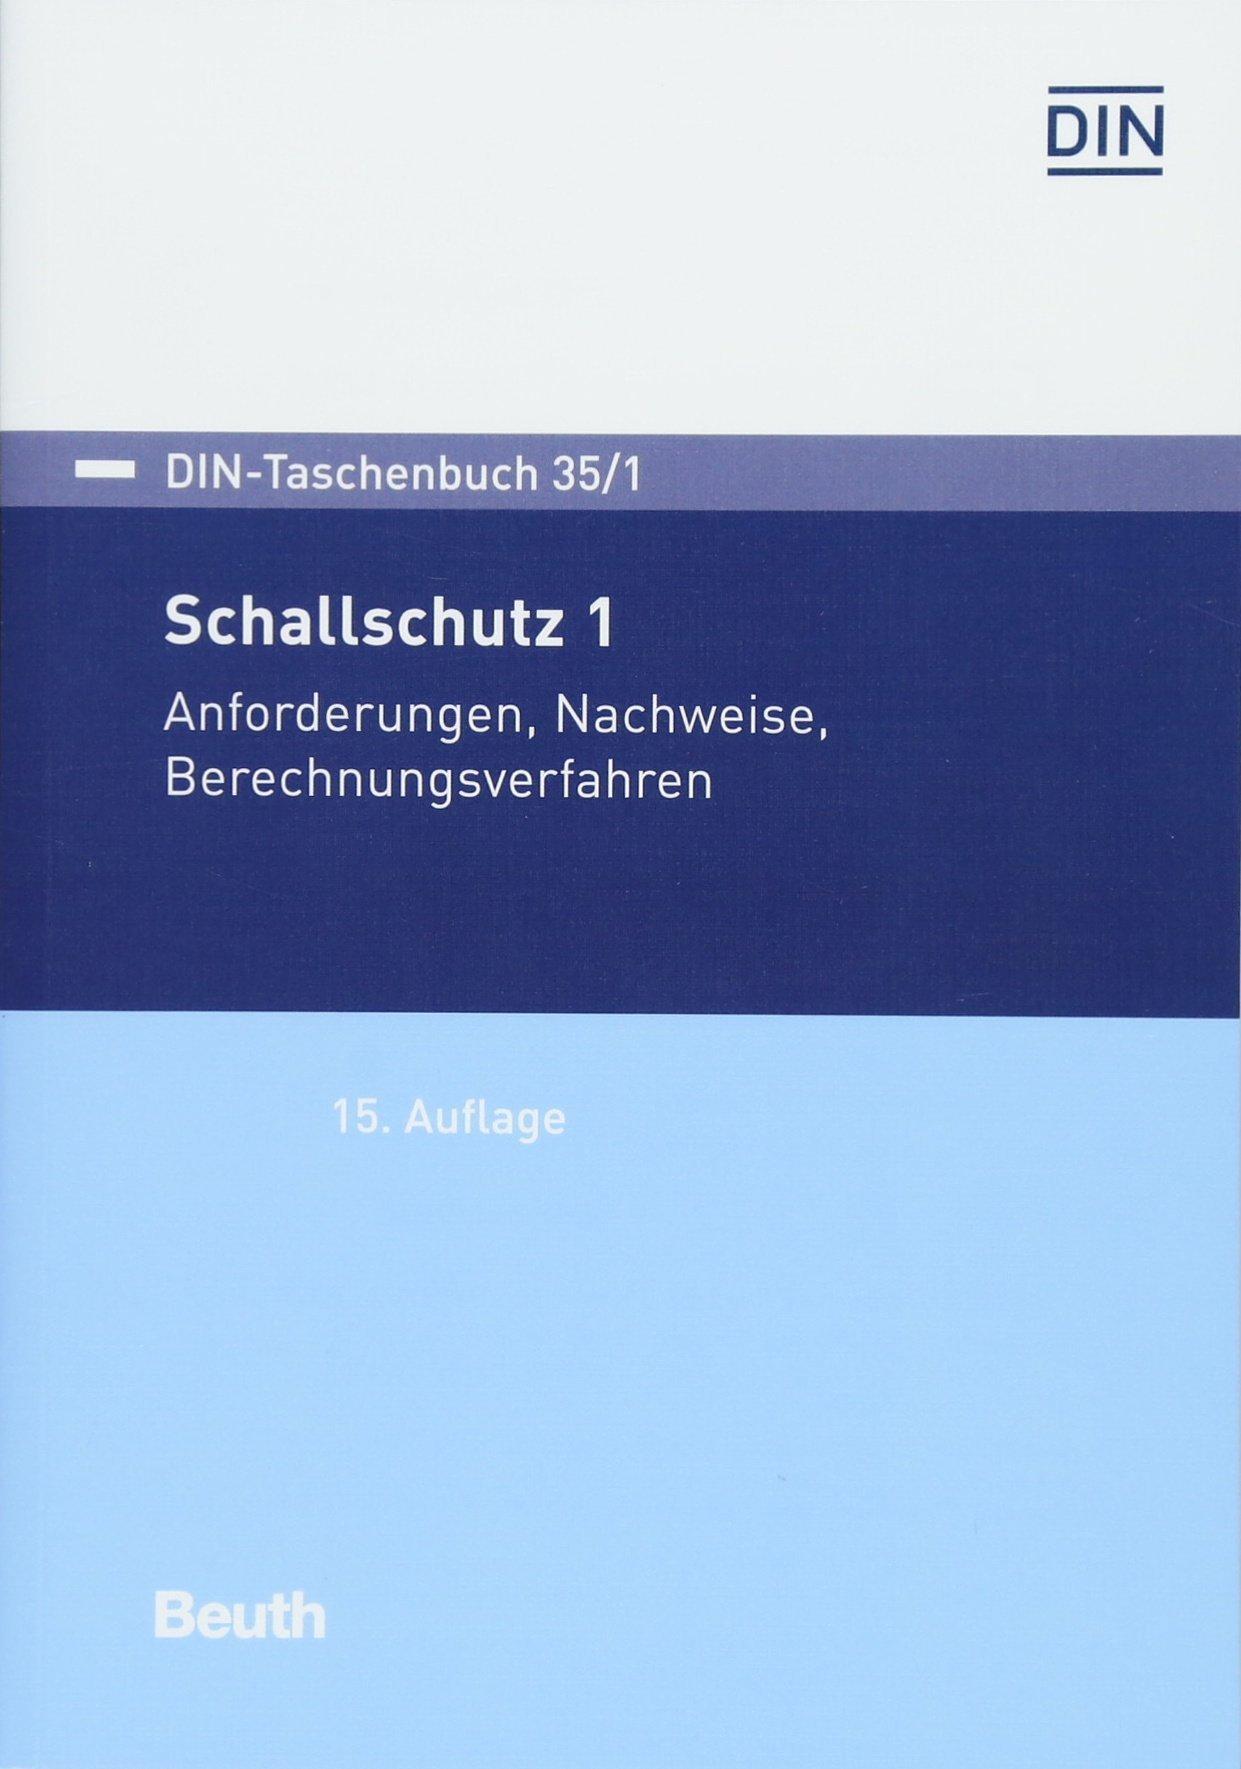 Schallschutz 1  Anforderungen Nachweise Berechnungsverfahren  DIN Taschenbuch